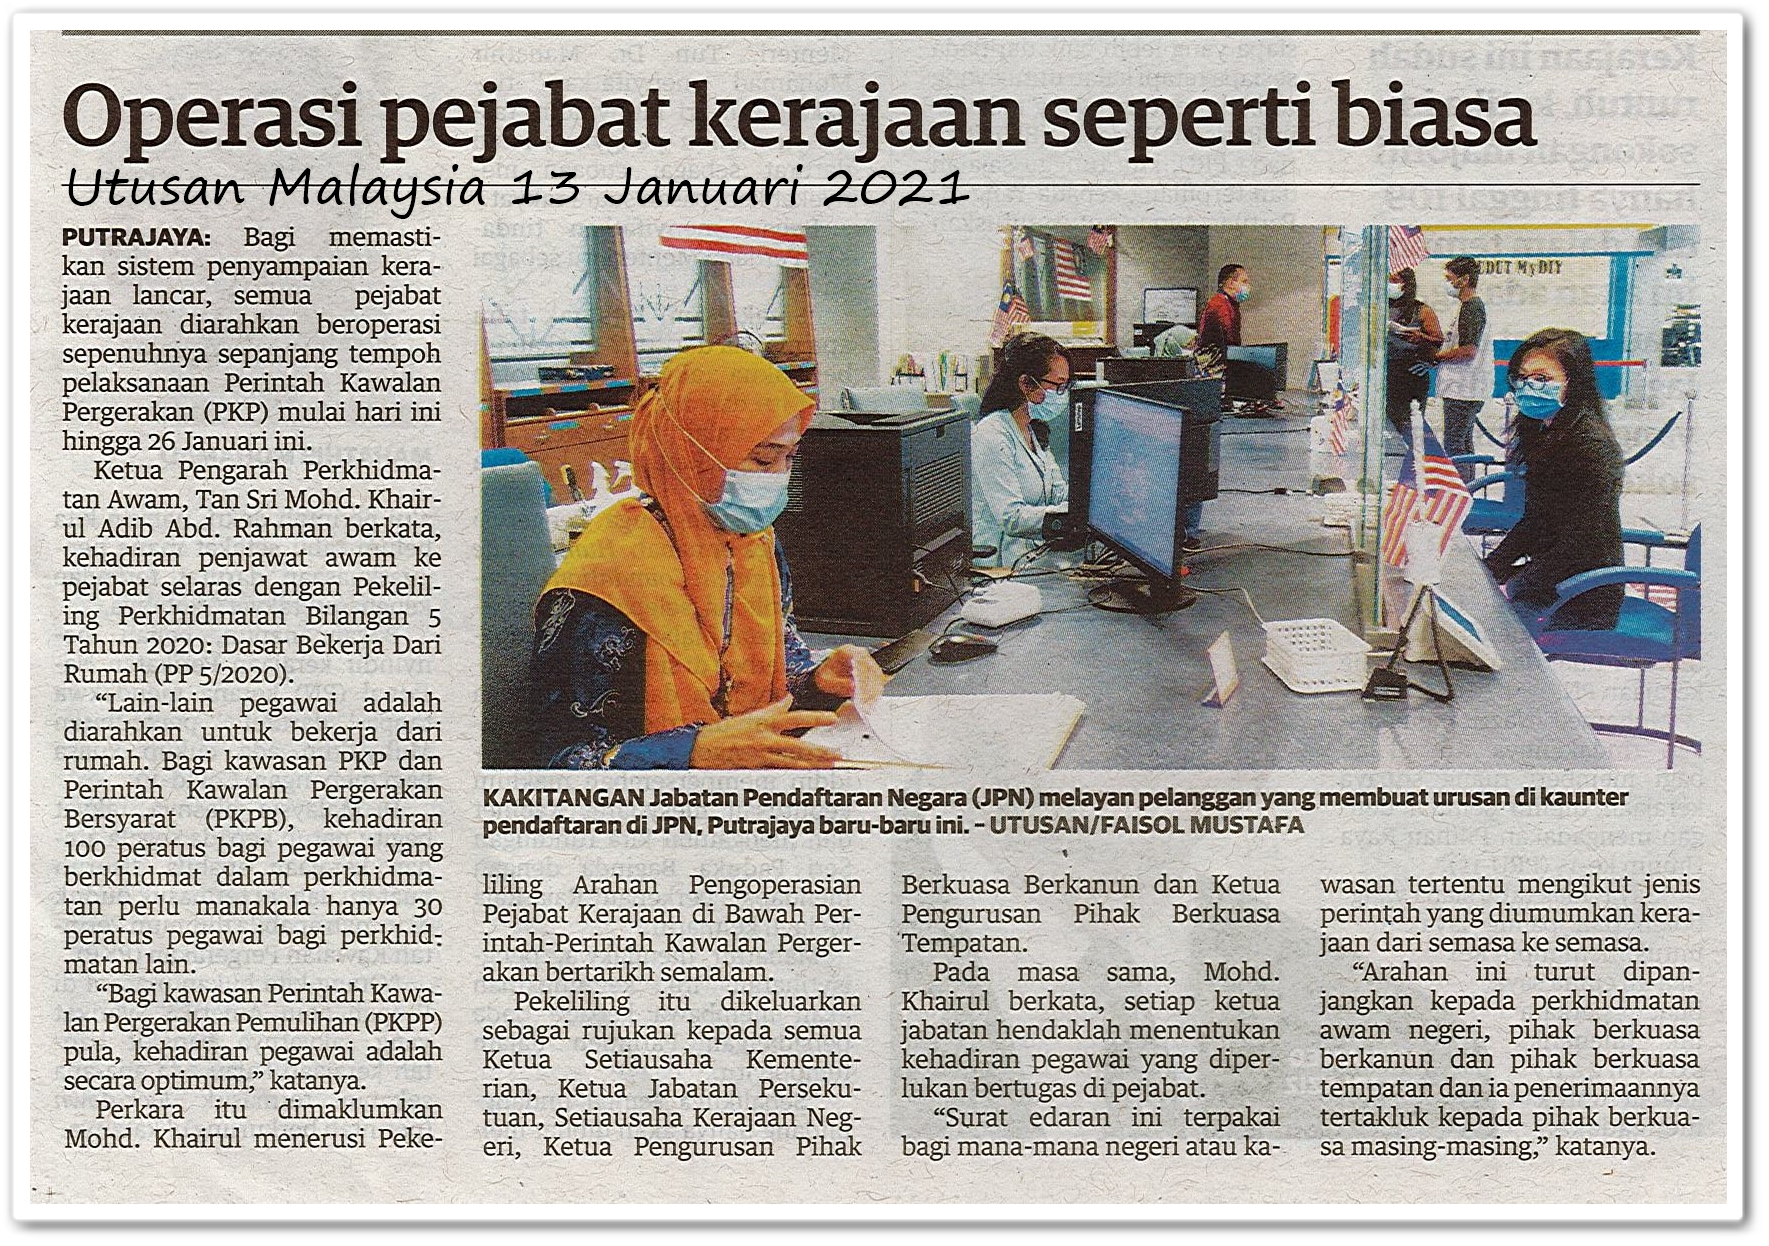 Operasi pejabat kerajaan seperti biasa - Keratan akhbar Utusan Malaysia 13 Januari 2021